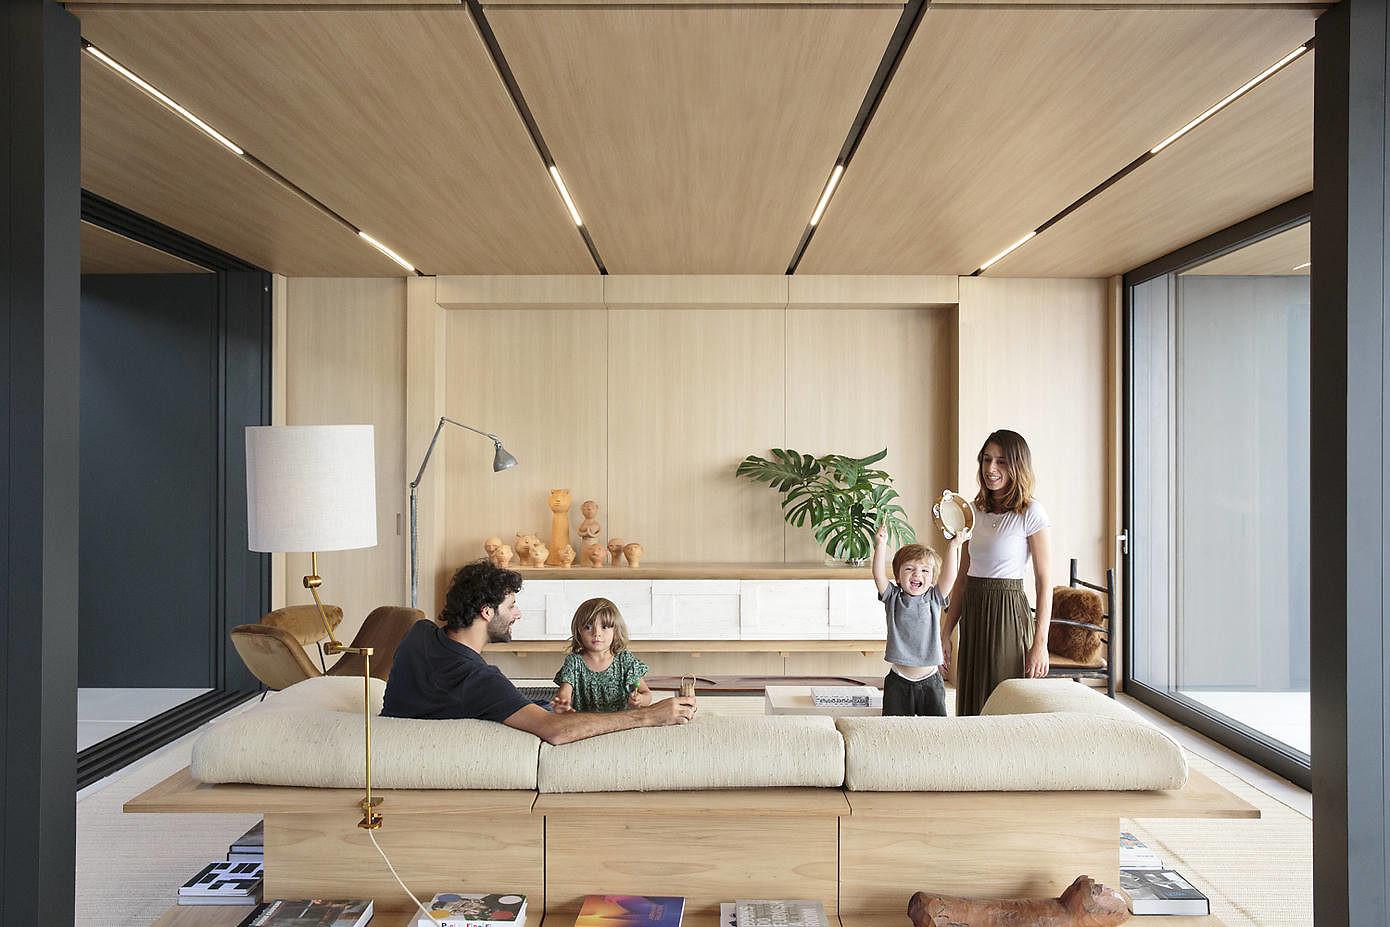 Syshaus by Arthur Casas Design